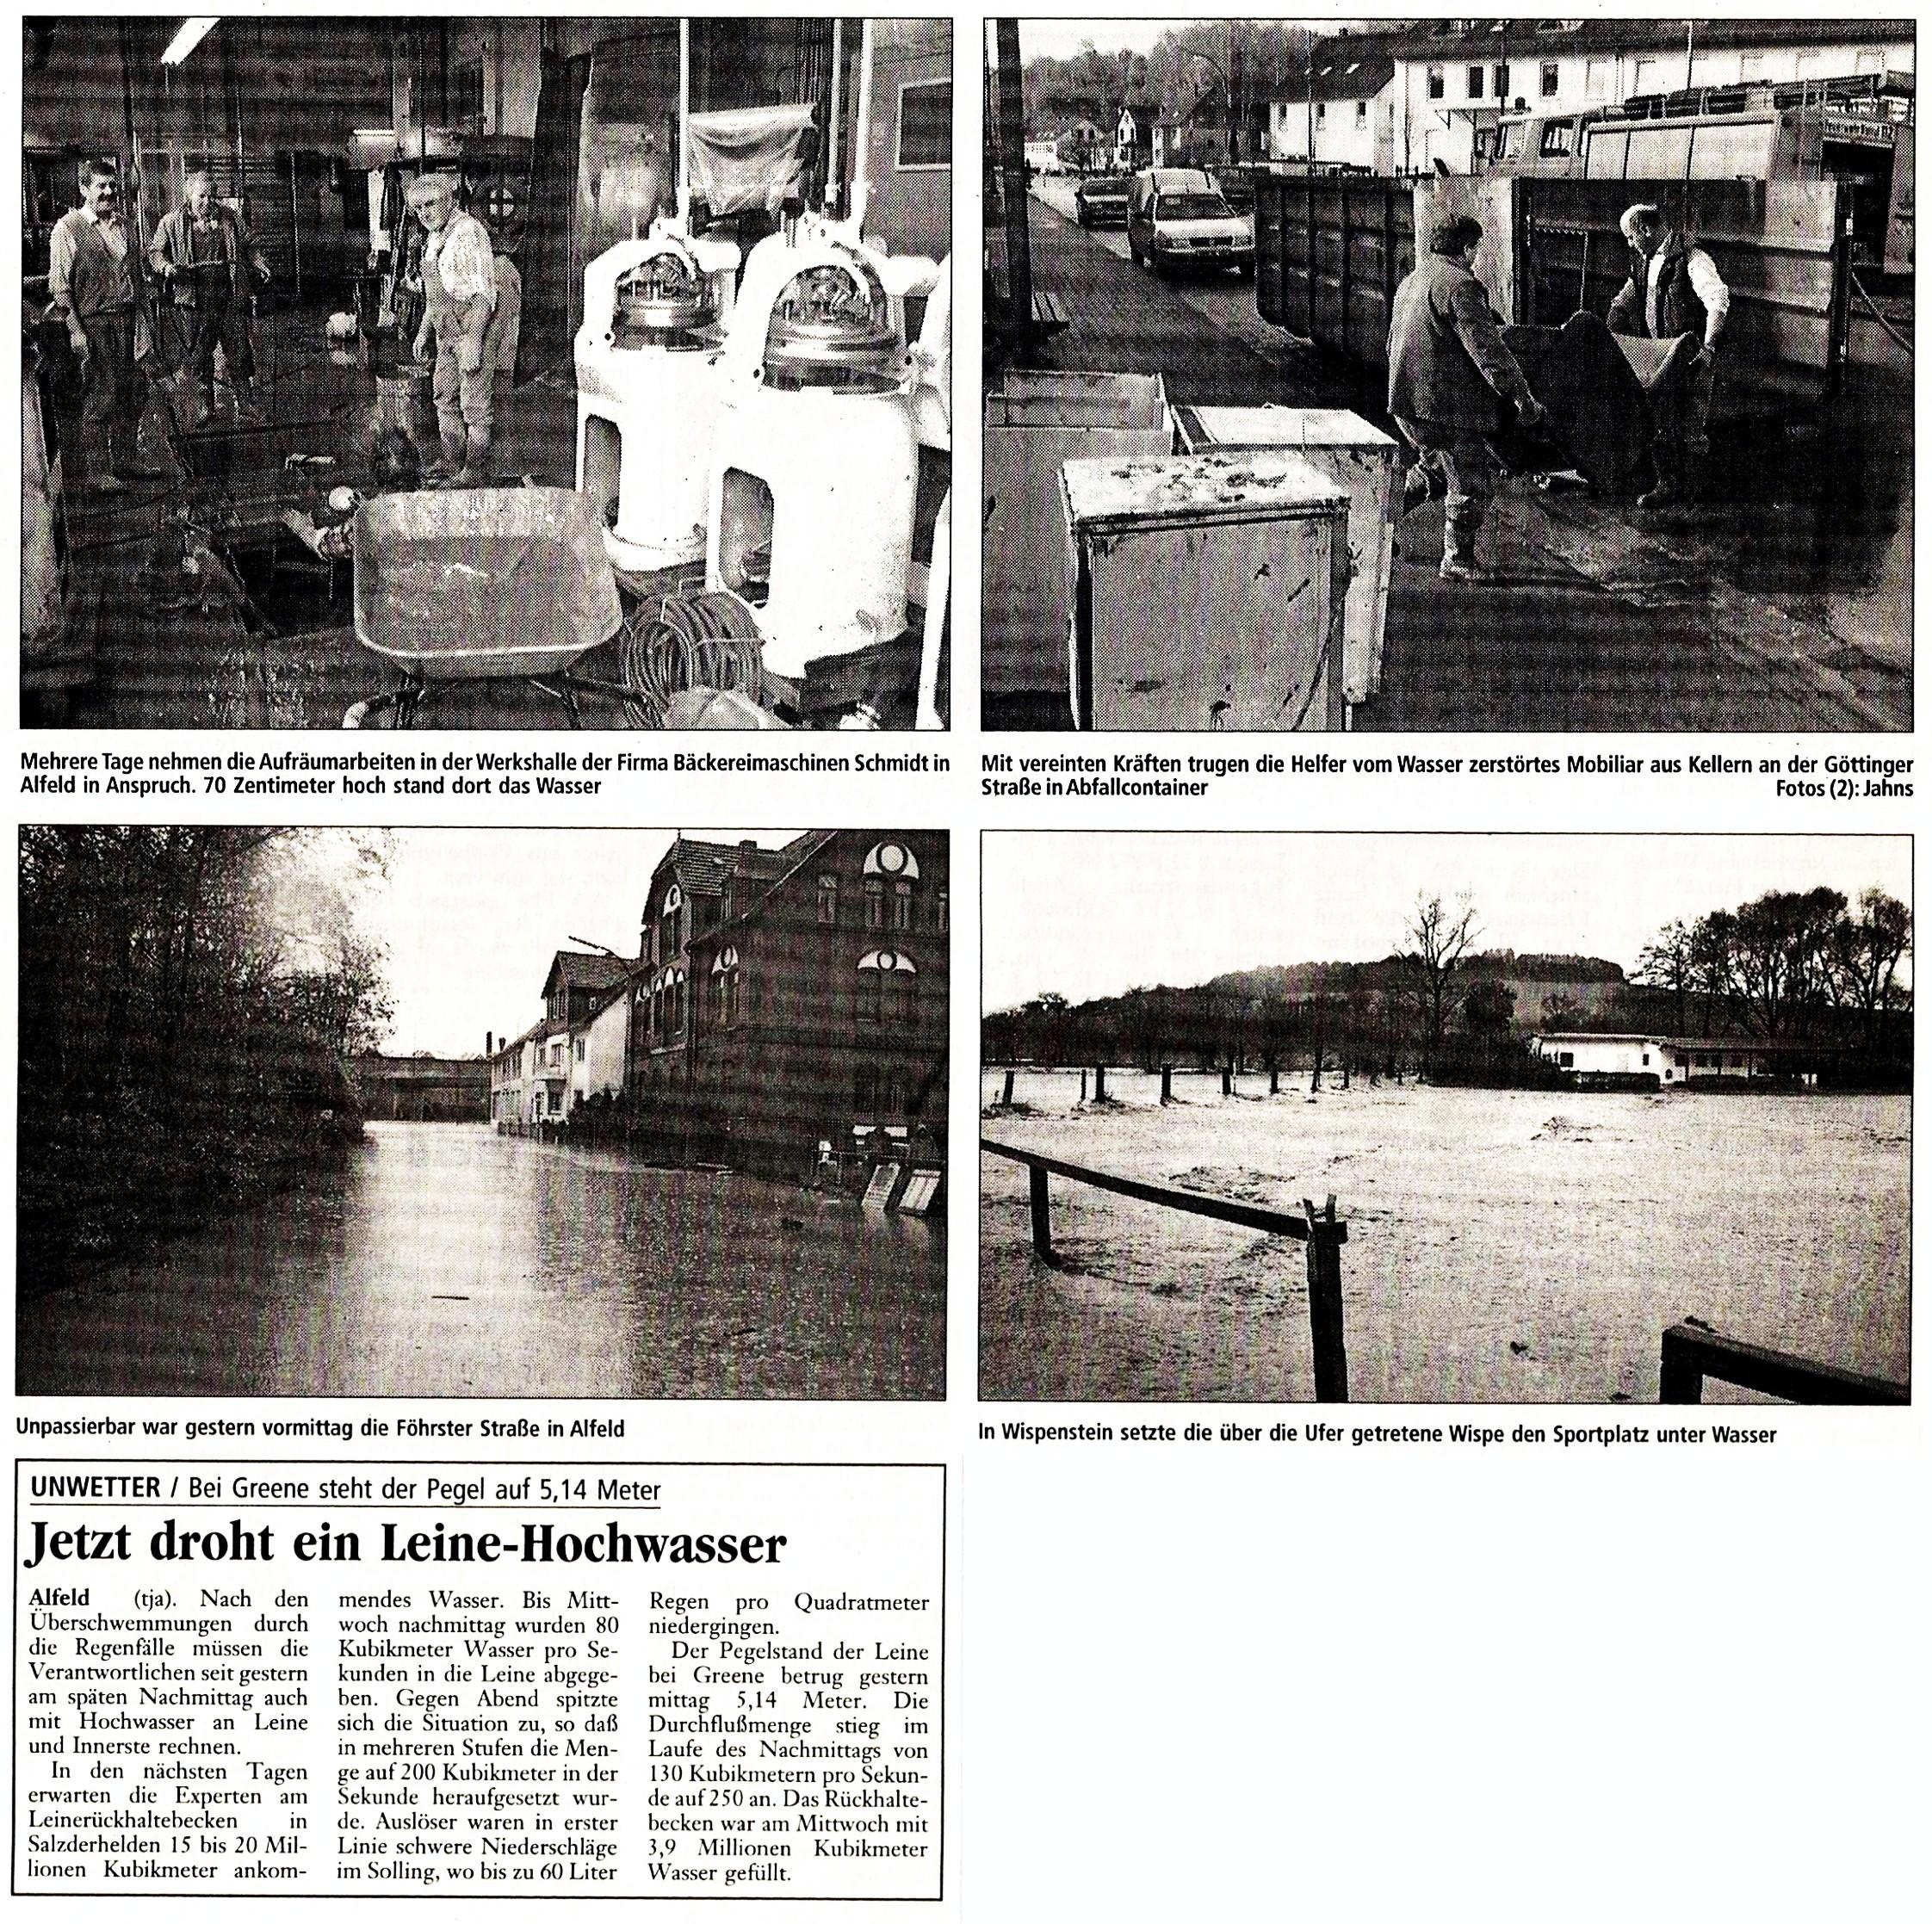 1998-10-30 Jetzt droht ein Leine- Hochwasser